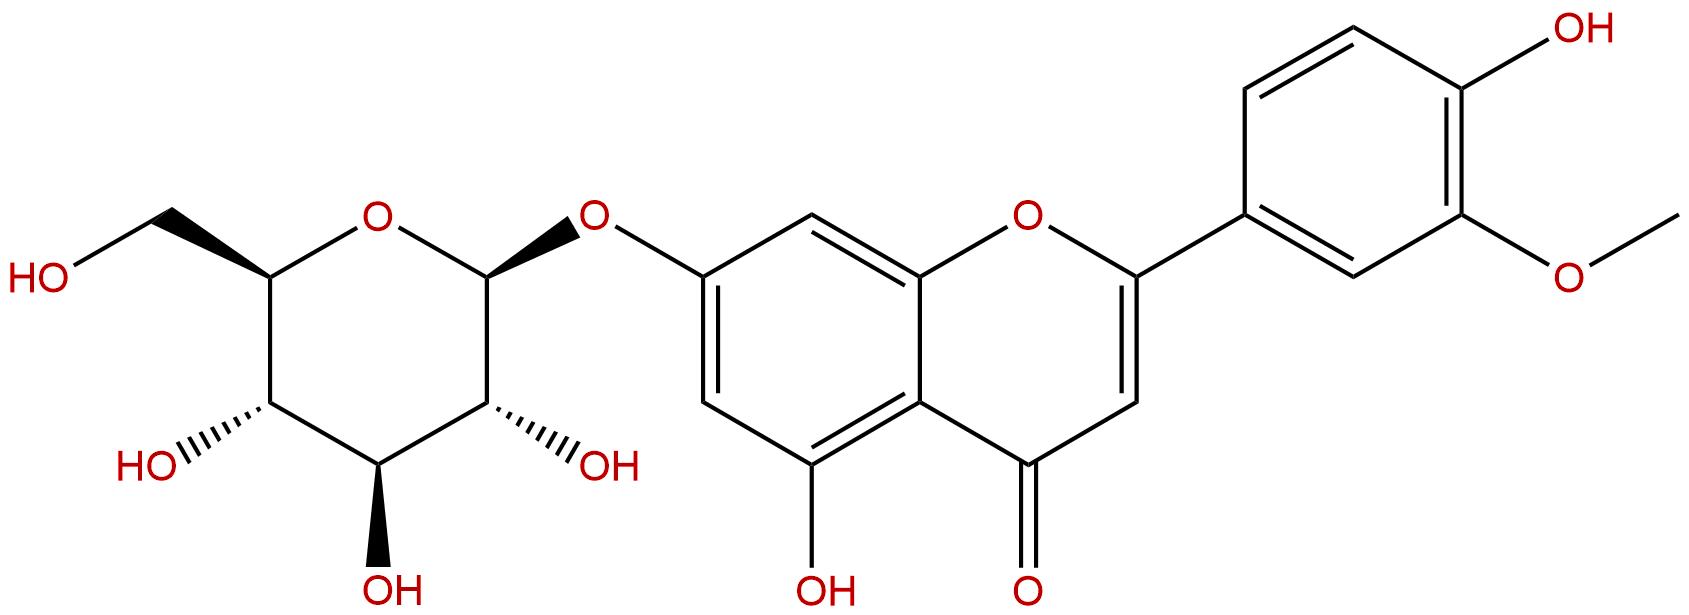 Chrysoeriol-7-O-beta-D-glucopyranoside